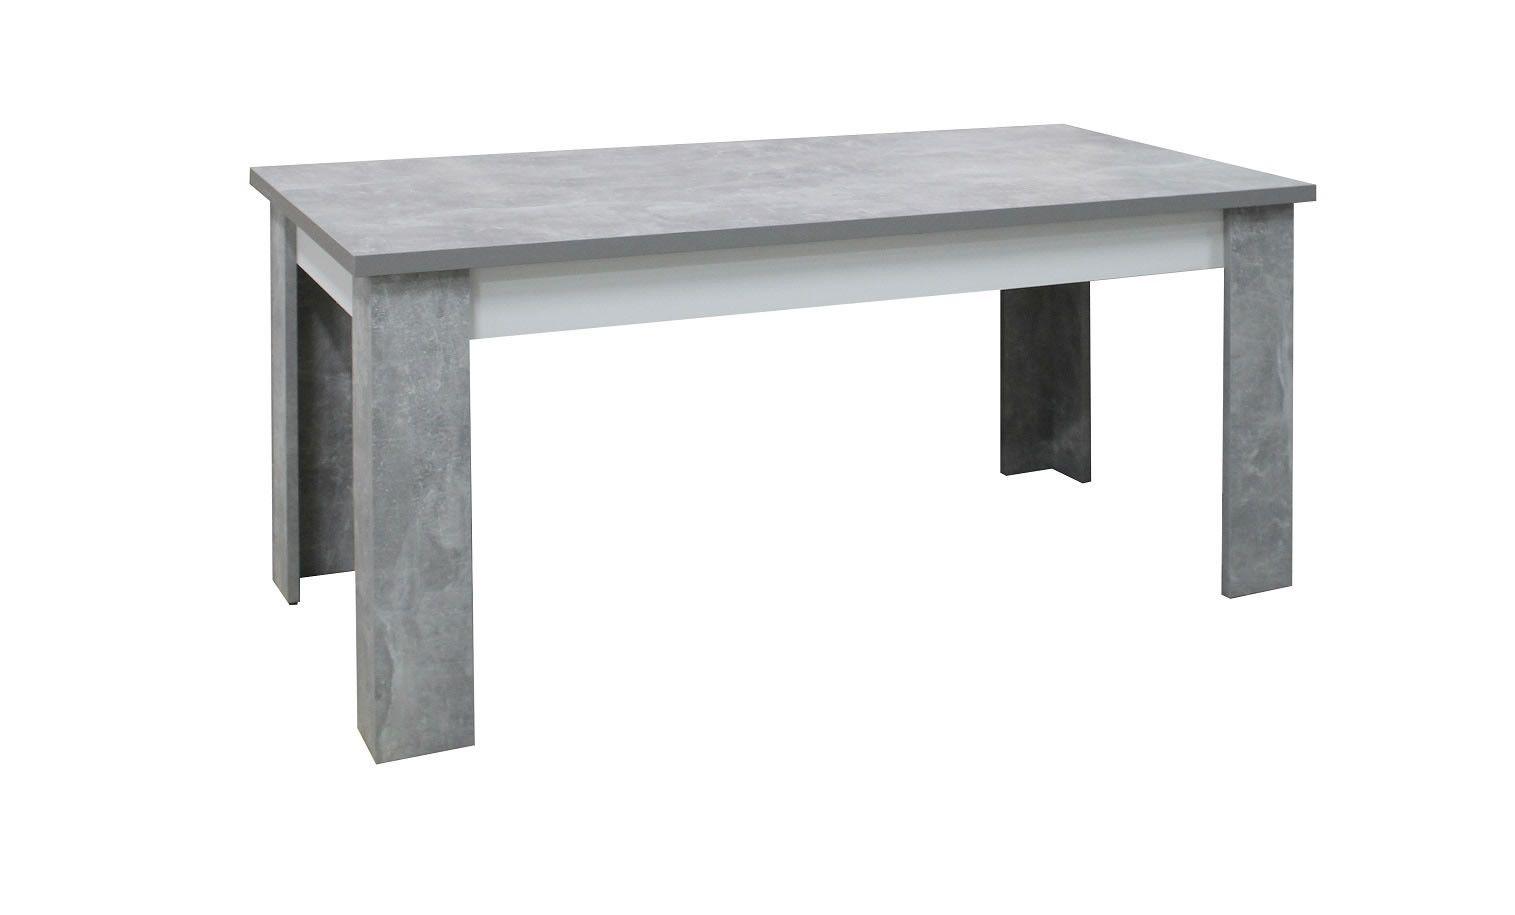 table de salle manger de 160 cm neon blanc et effet bton